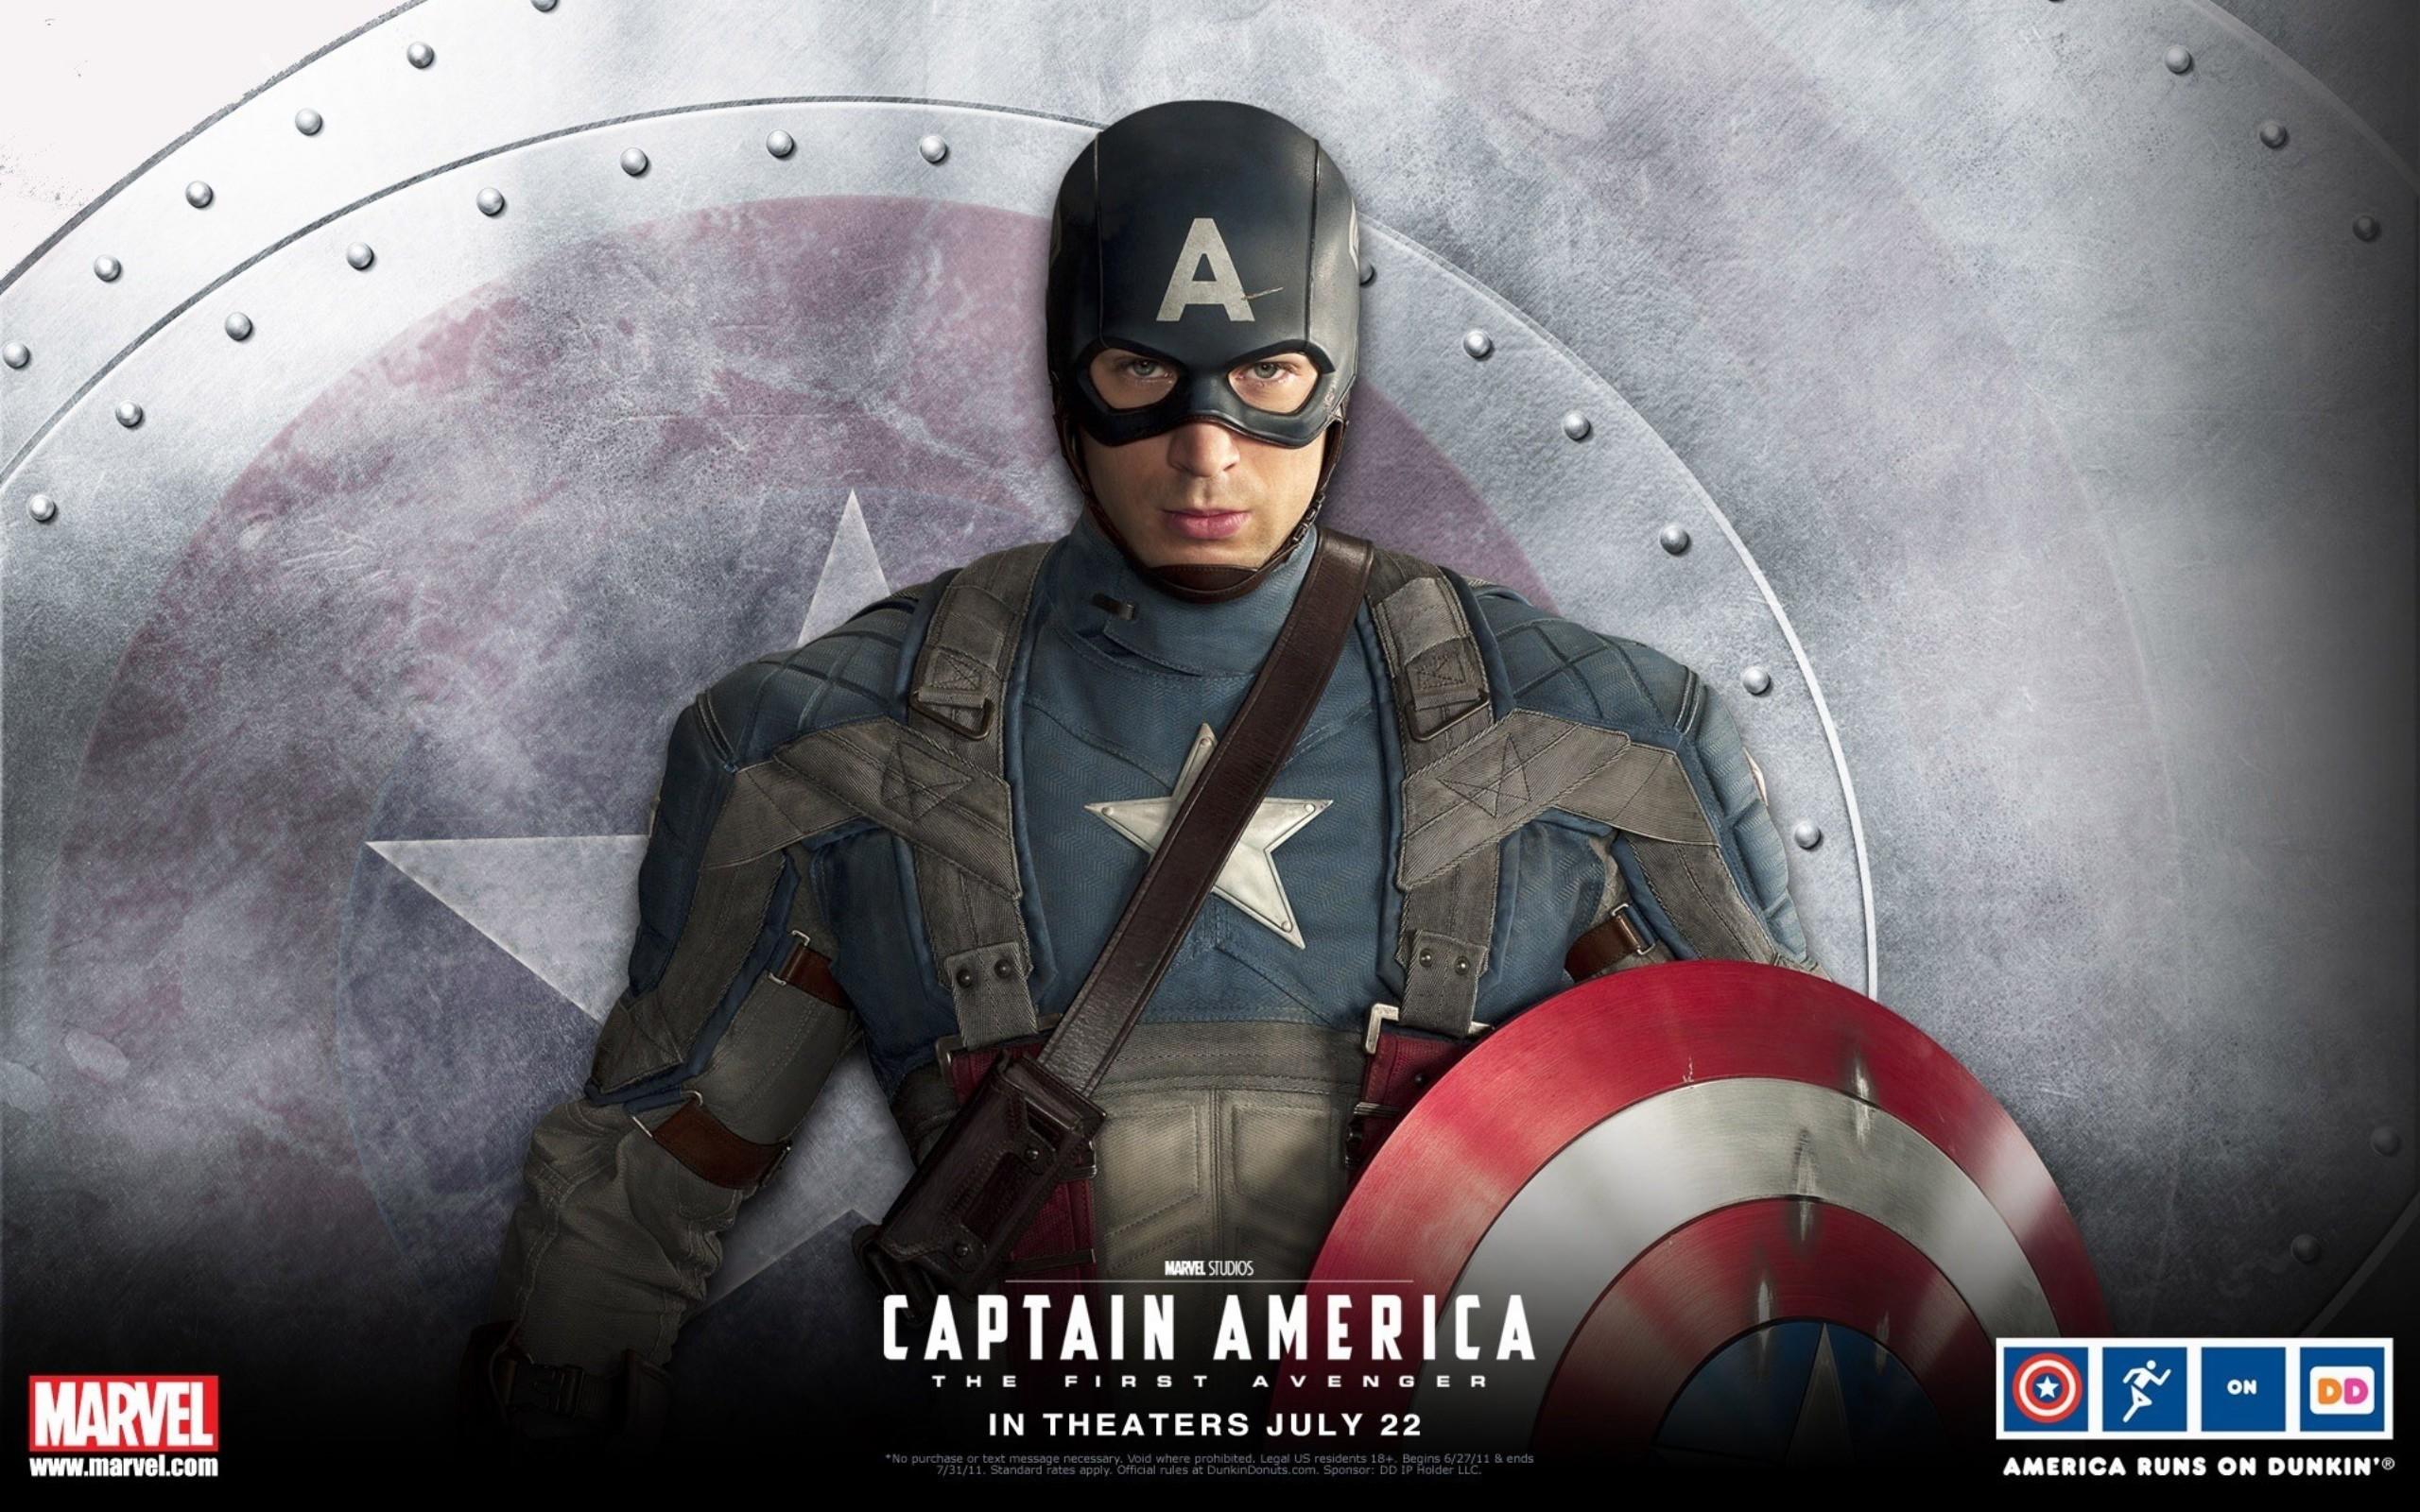 Captain America The First Avenger Wallpaper Apps   - Captain America The First Avenger Movie - HD Wallpaper